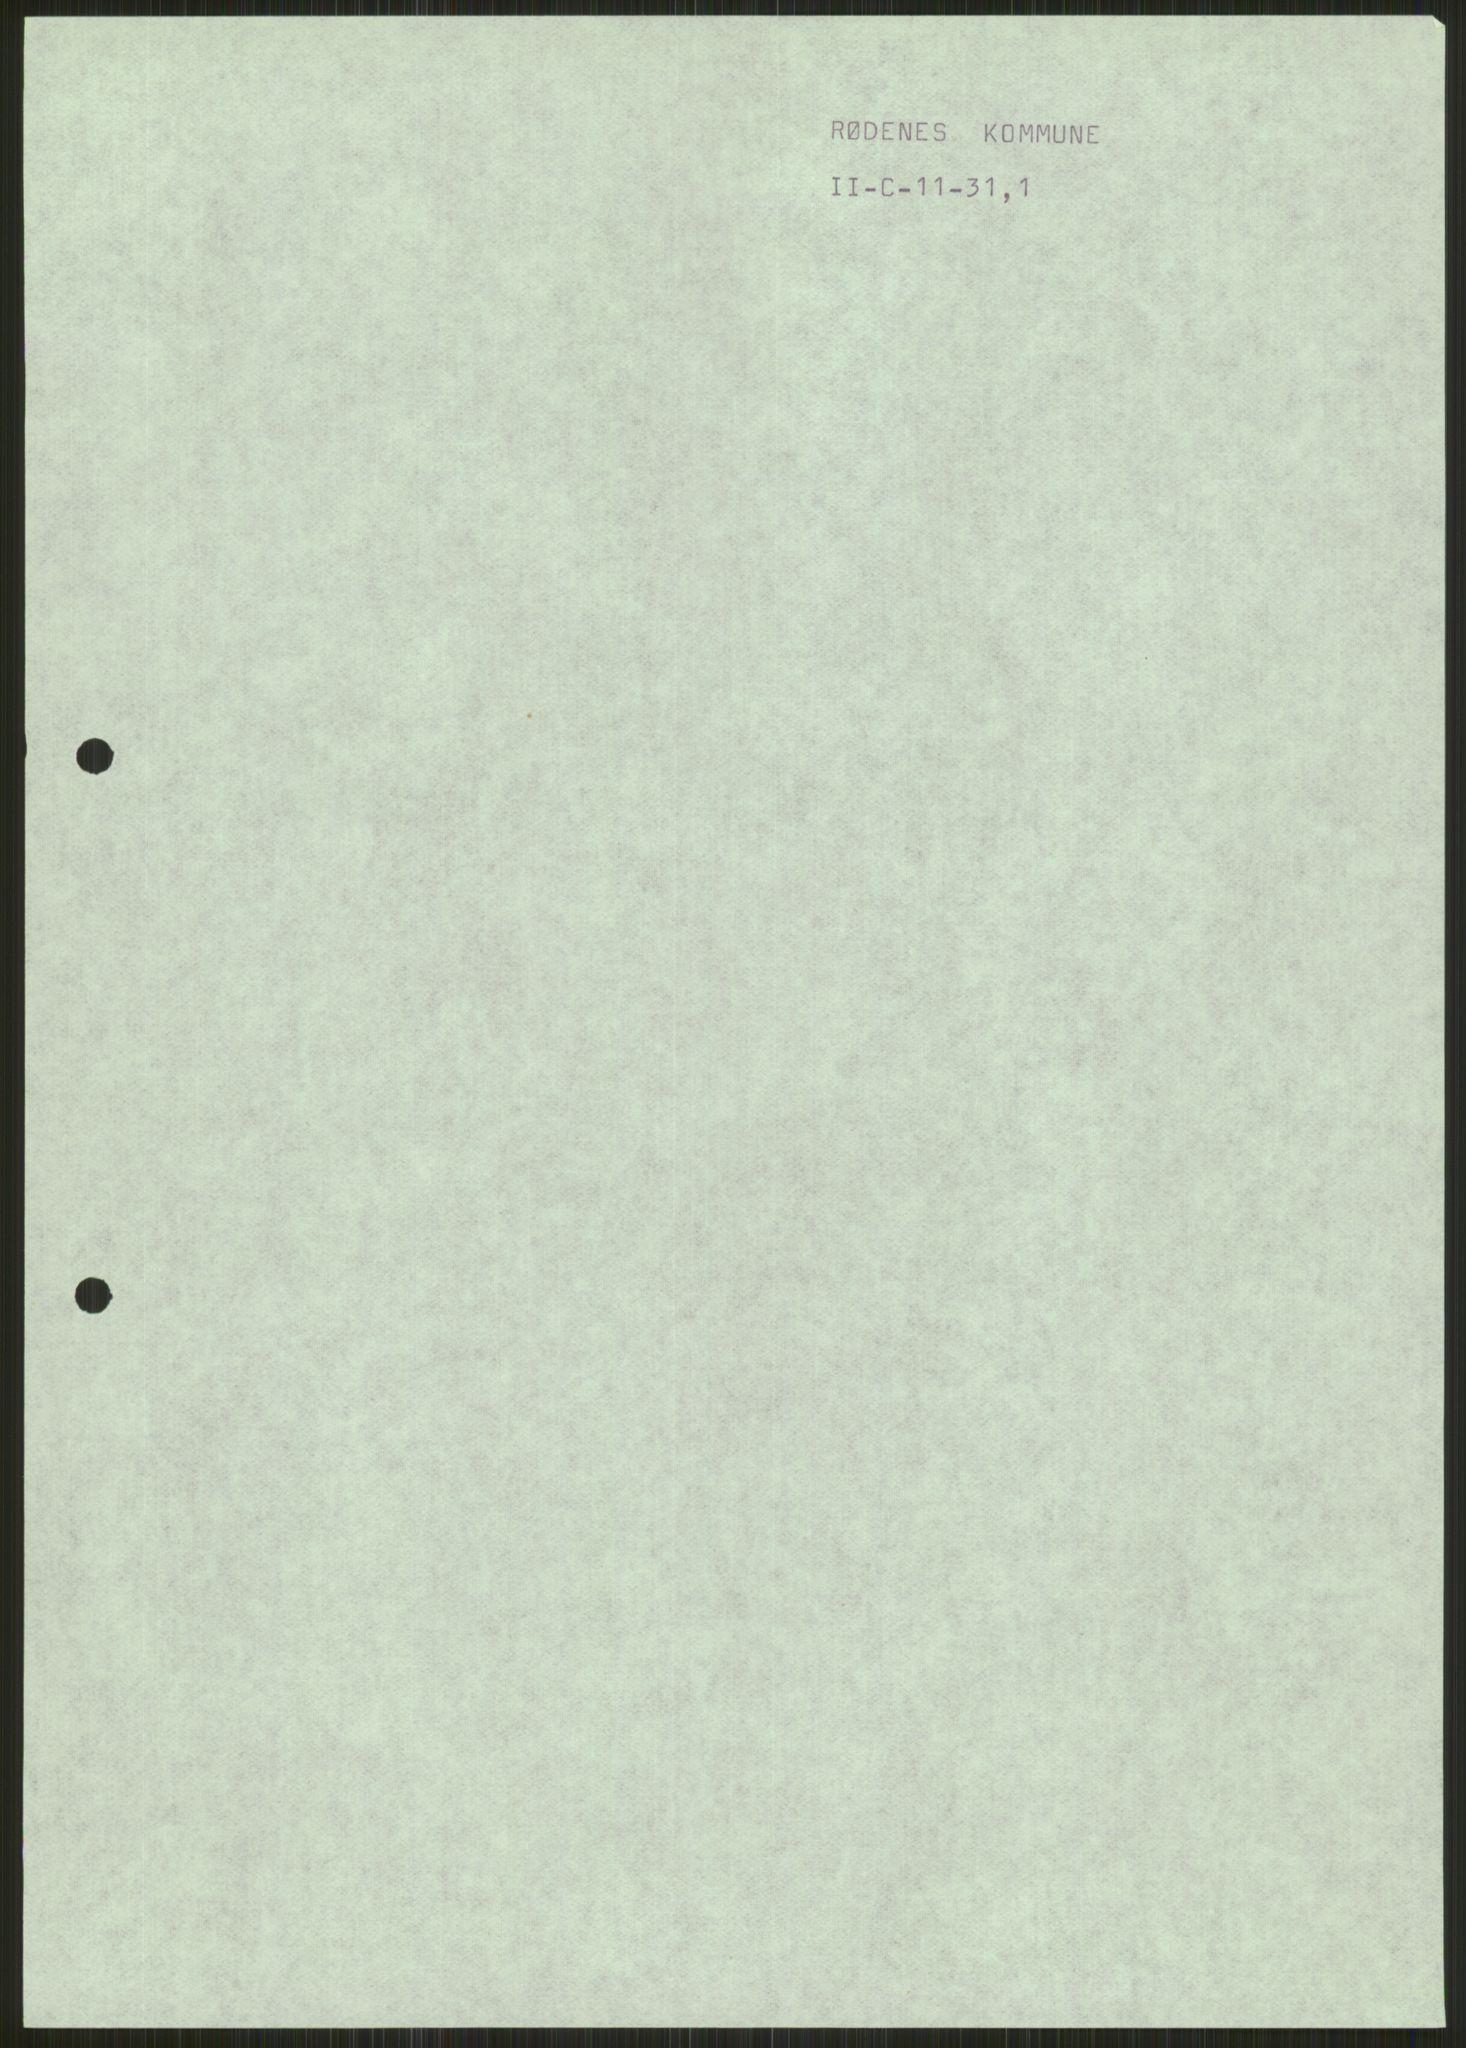 RA, Forsvaret, Forsvarets krigshistoriske avdeling, Y/Ya/L0013: II-C-11-31 - Fylkesmenn.  Rapporter om krigsbegivenhetene 1940., 1940, s. 133